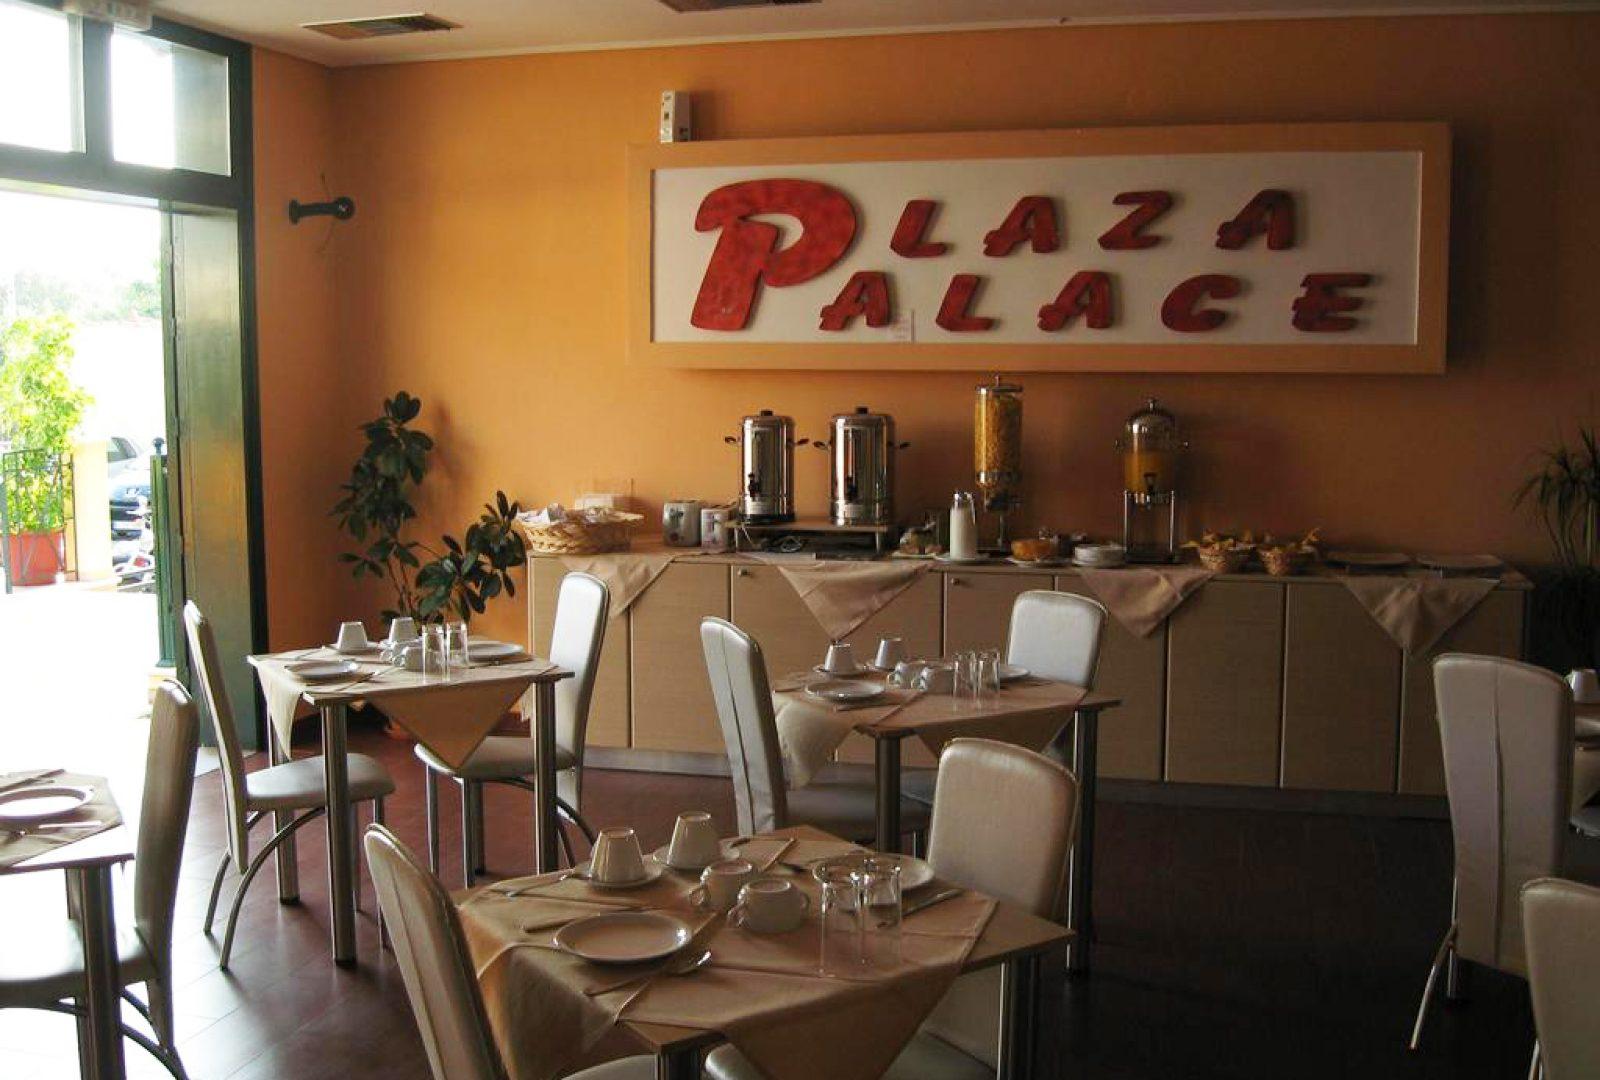 Plaza Palace Hotel restaurant